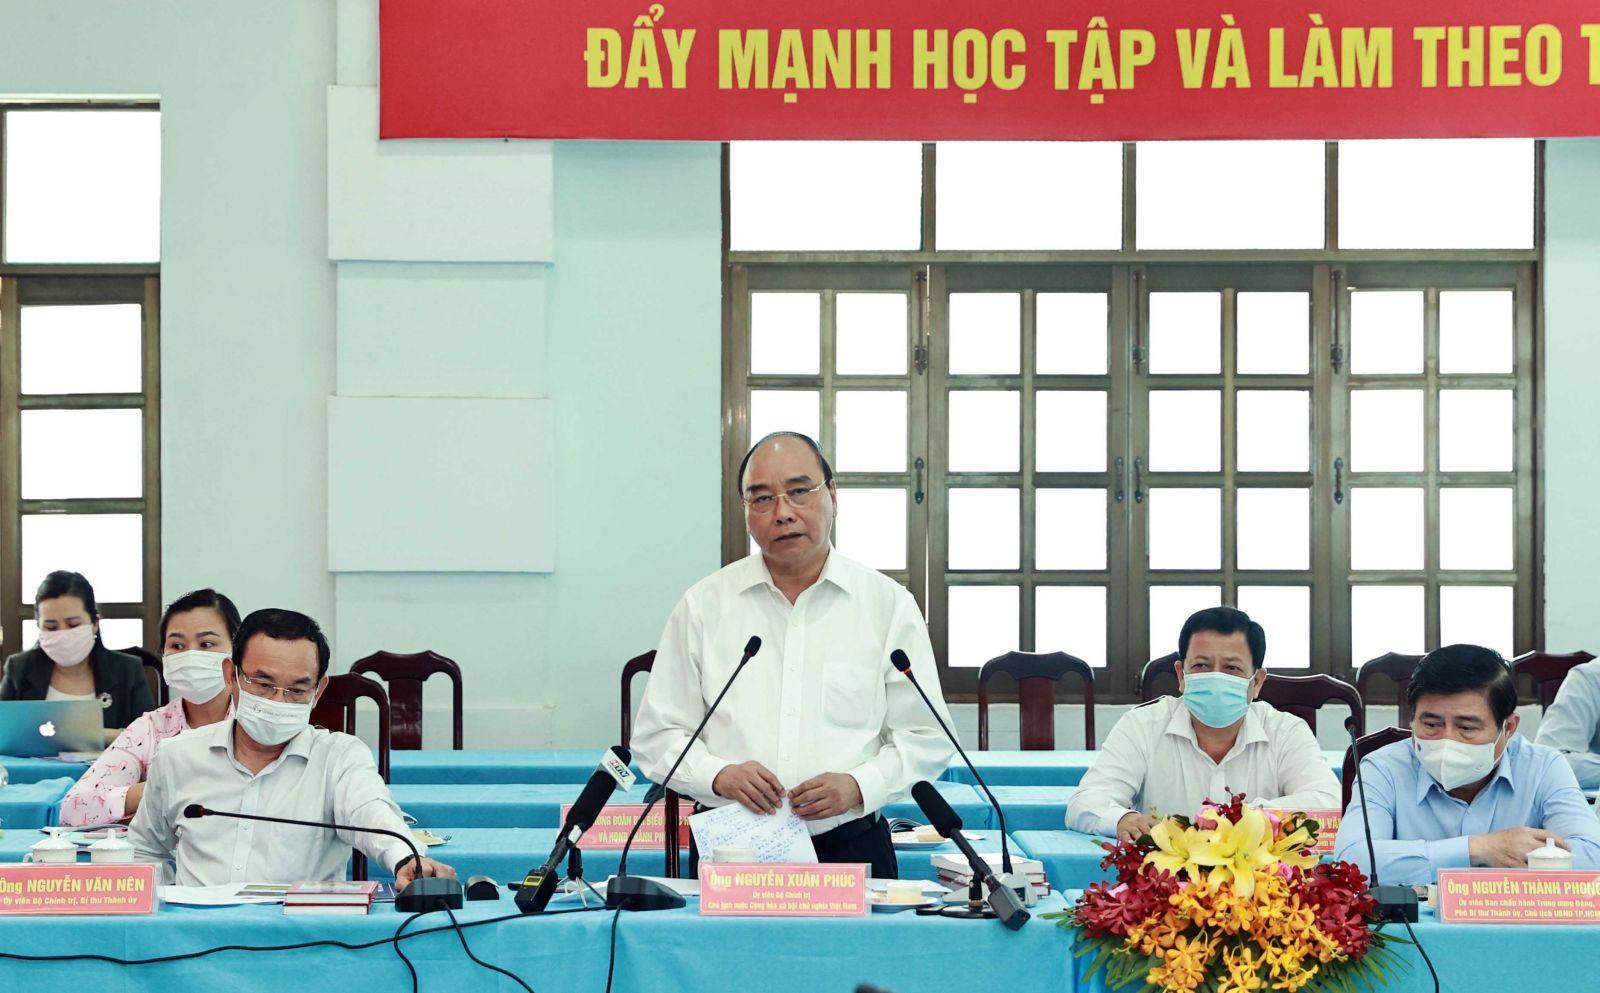 Chủ tịch nước Nguyễn Xuân Phúc dự hội nghị dành cho ứng cử viên ĐBQH khóa XV và đại biểu HĐND TPHCM nhiệm kỳ 2021-2026 tại huyện Củ Chi, TPHCM vào ngày 06/05 vừa qua